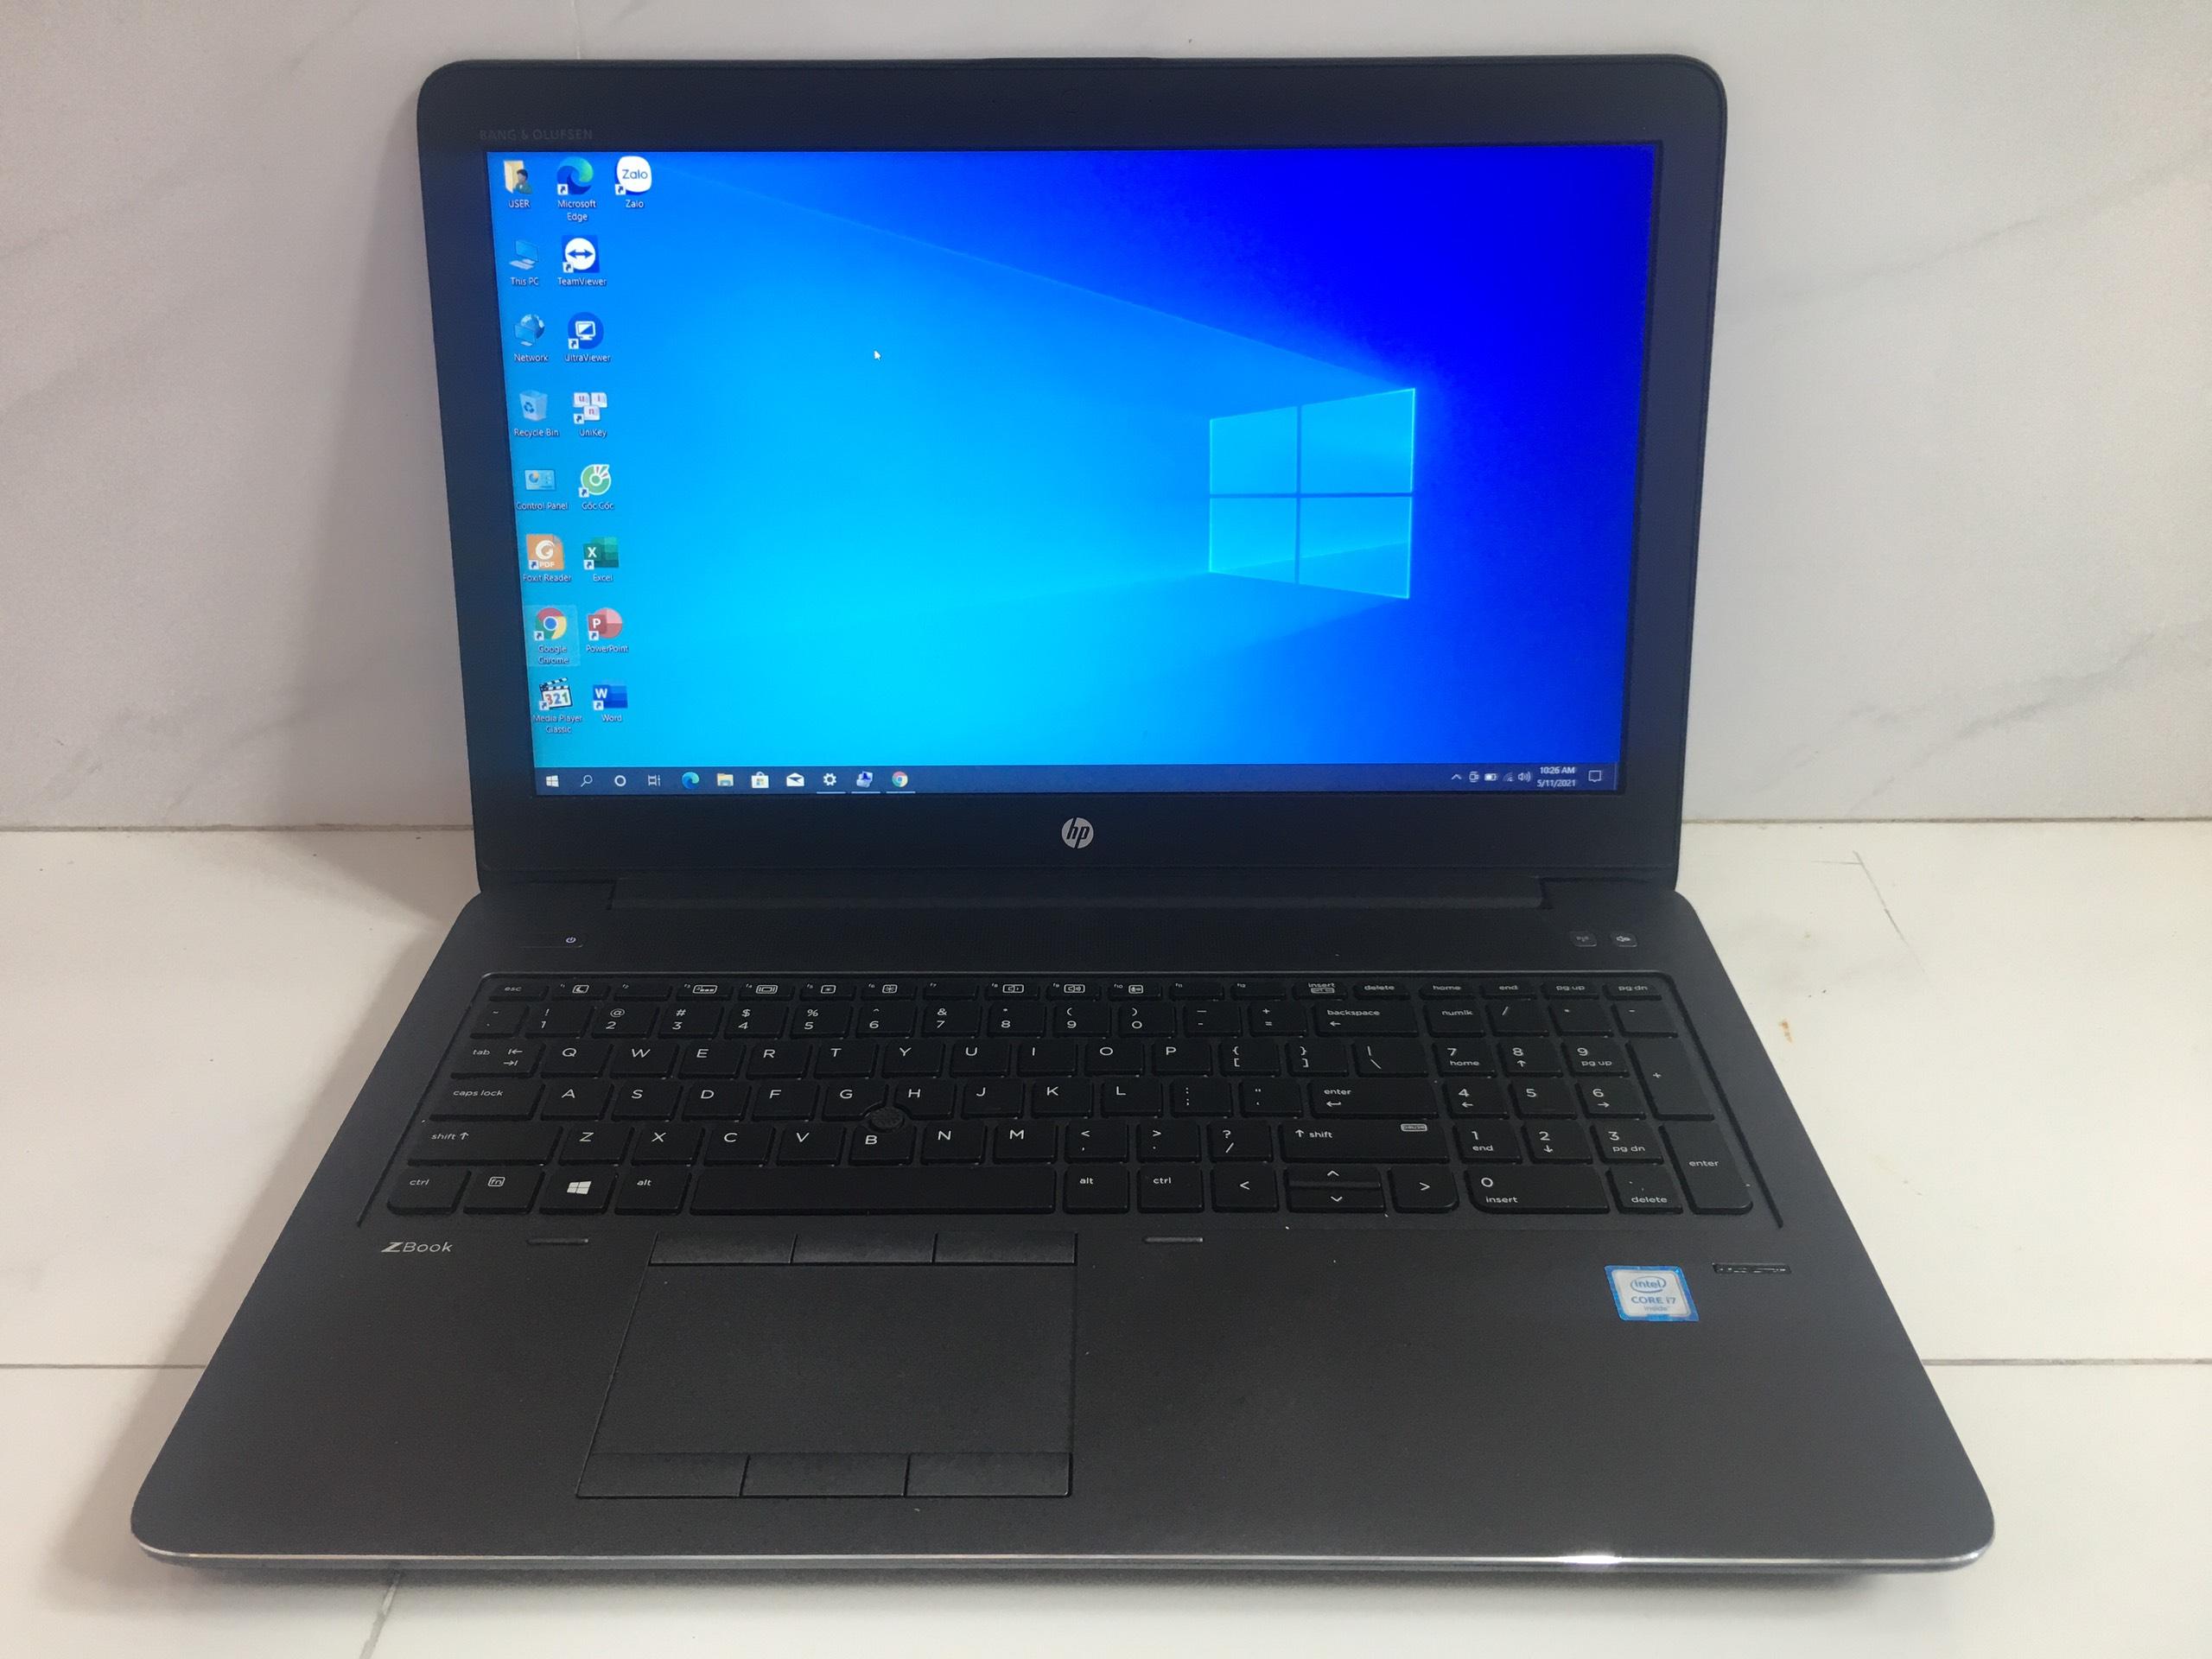 laptop-hp-zbook-15-g3-core-i7-6820hq-7